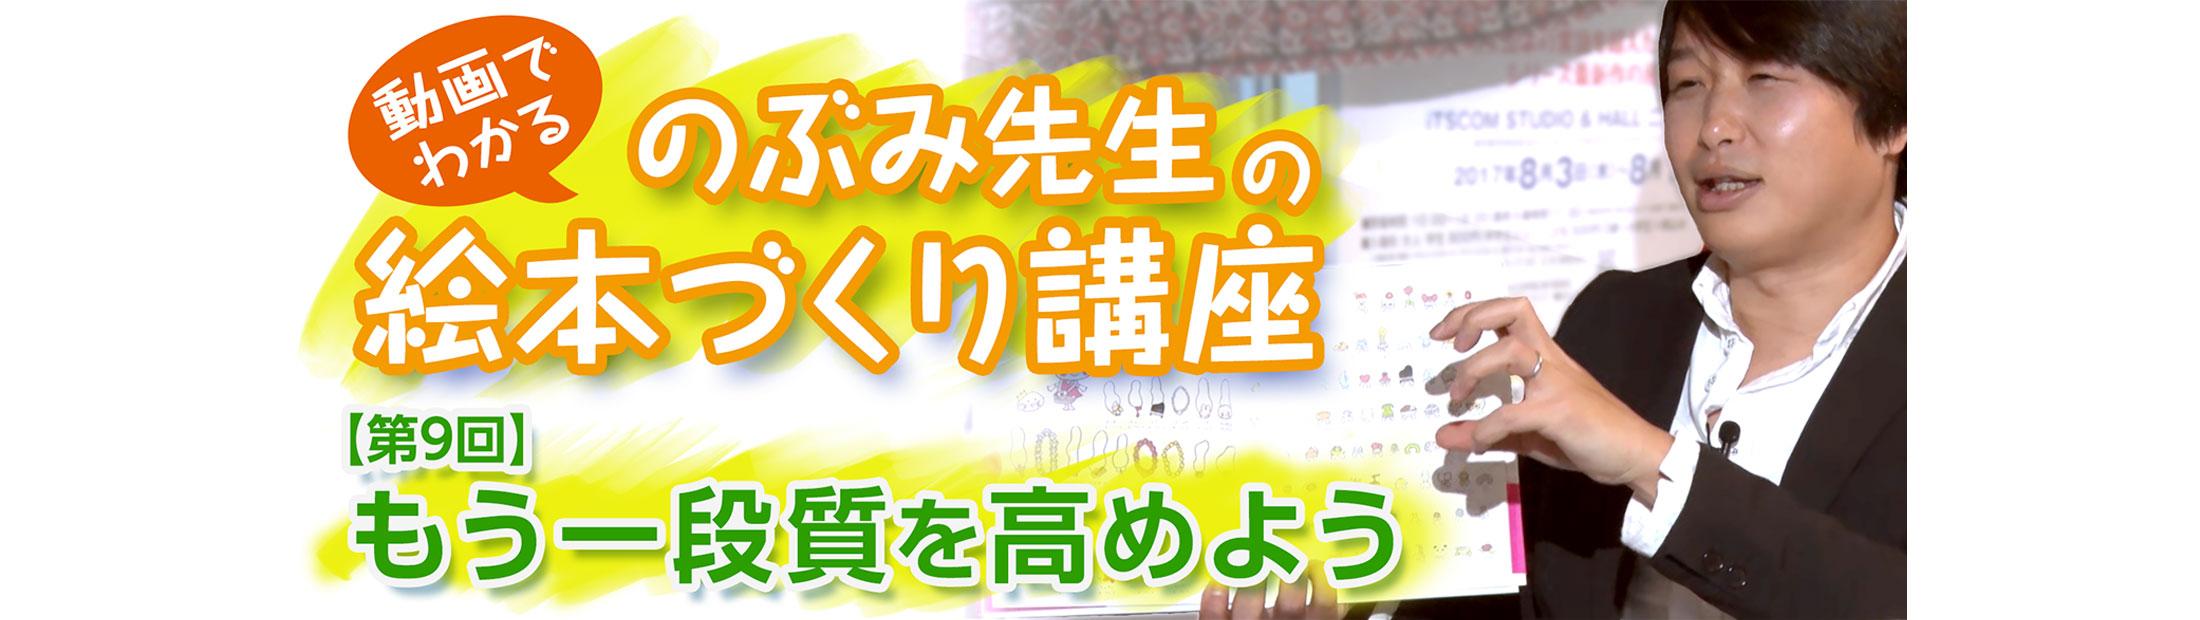 のぶみ先生の絵本講座